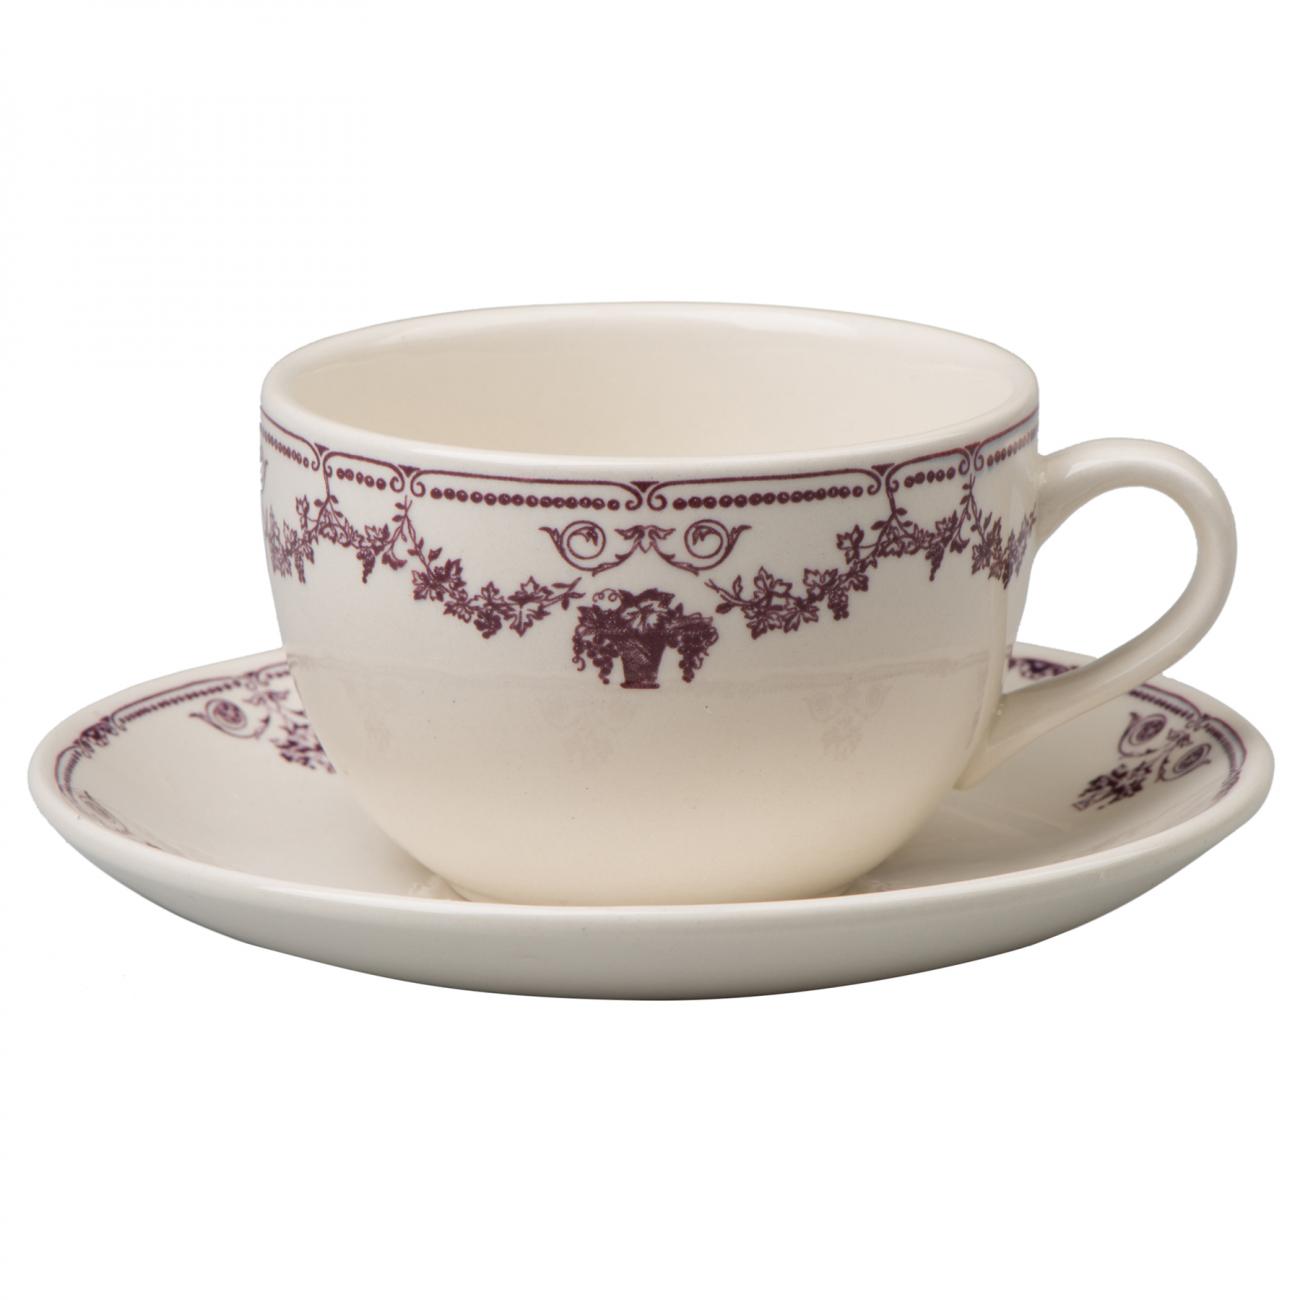 """Купить Чашка с блюдцем """"Гран Крю"""" LV в интернет магазине дизайнерской мебели и аксессуаров для дома и дачи"""